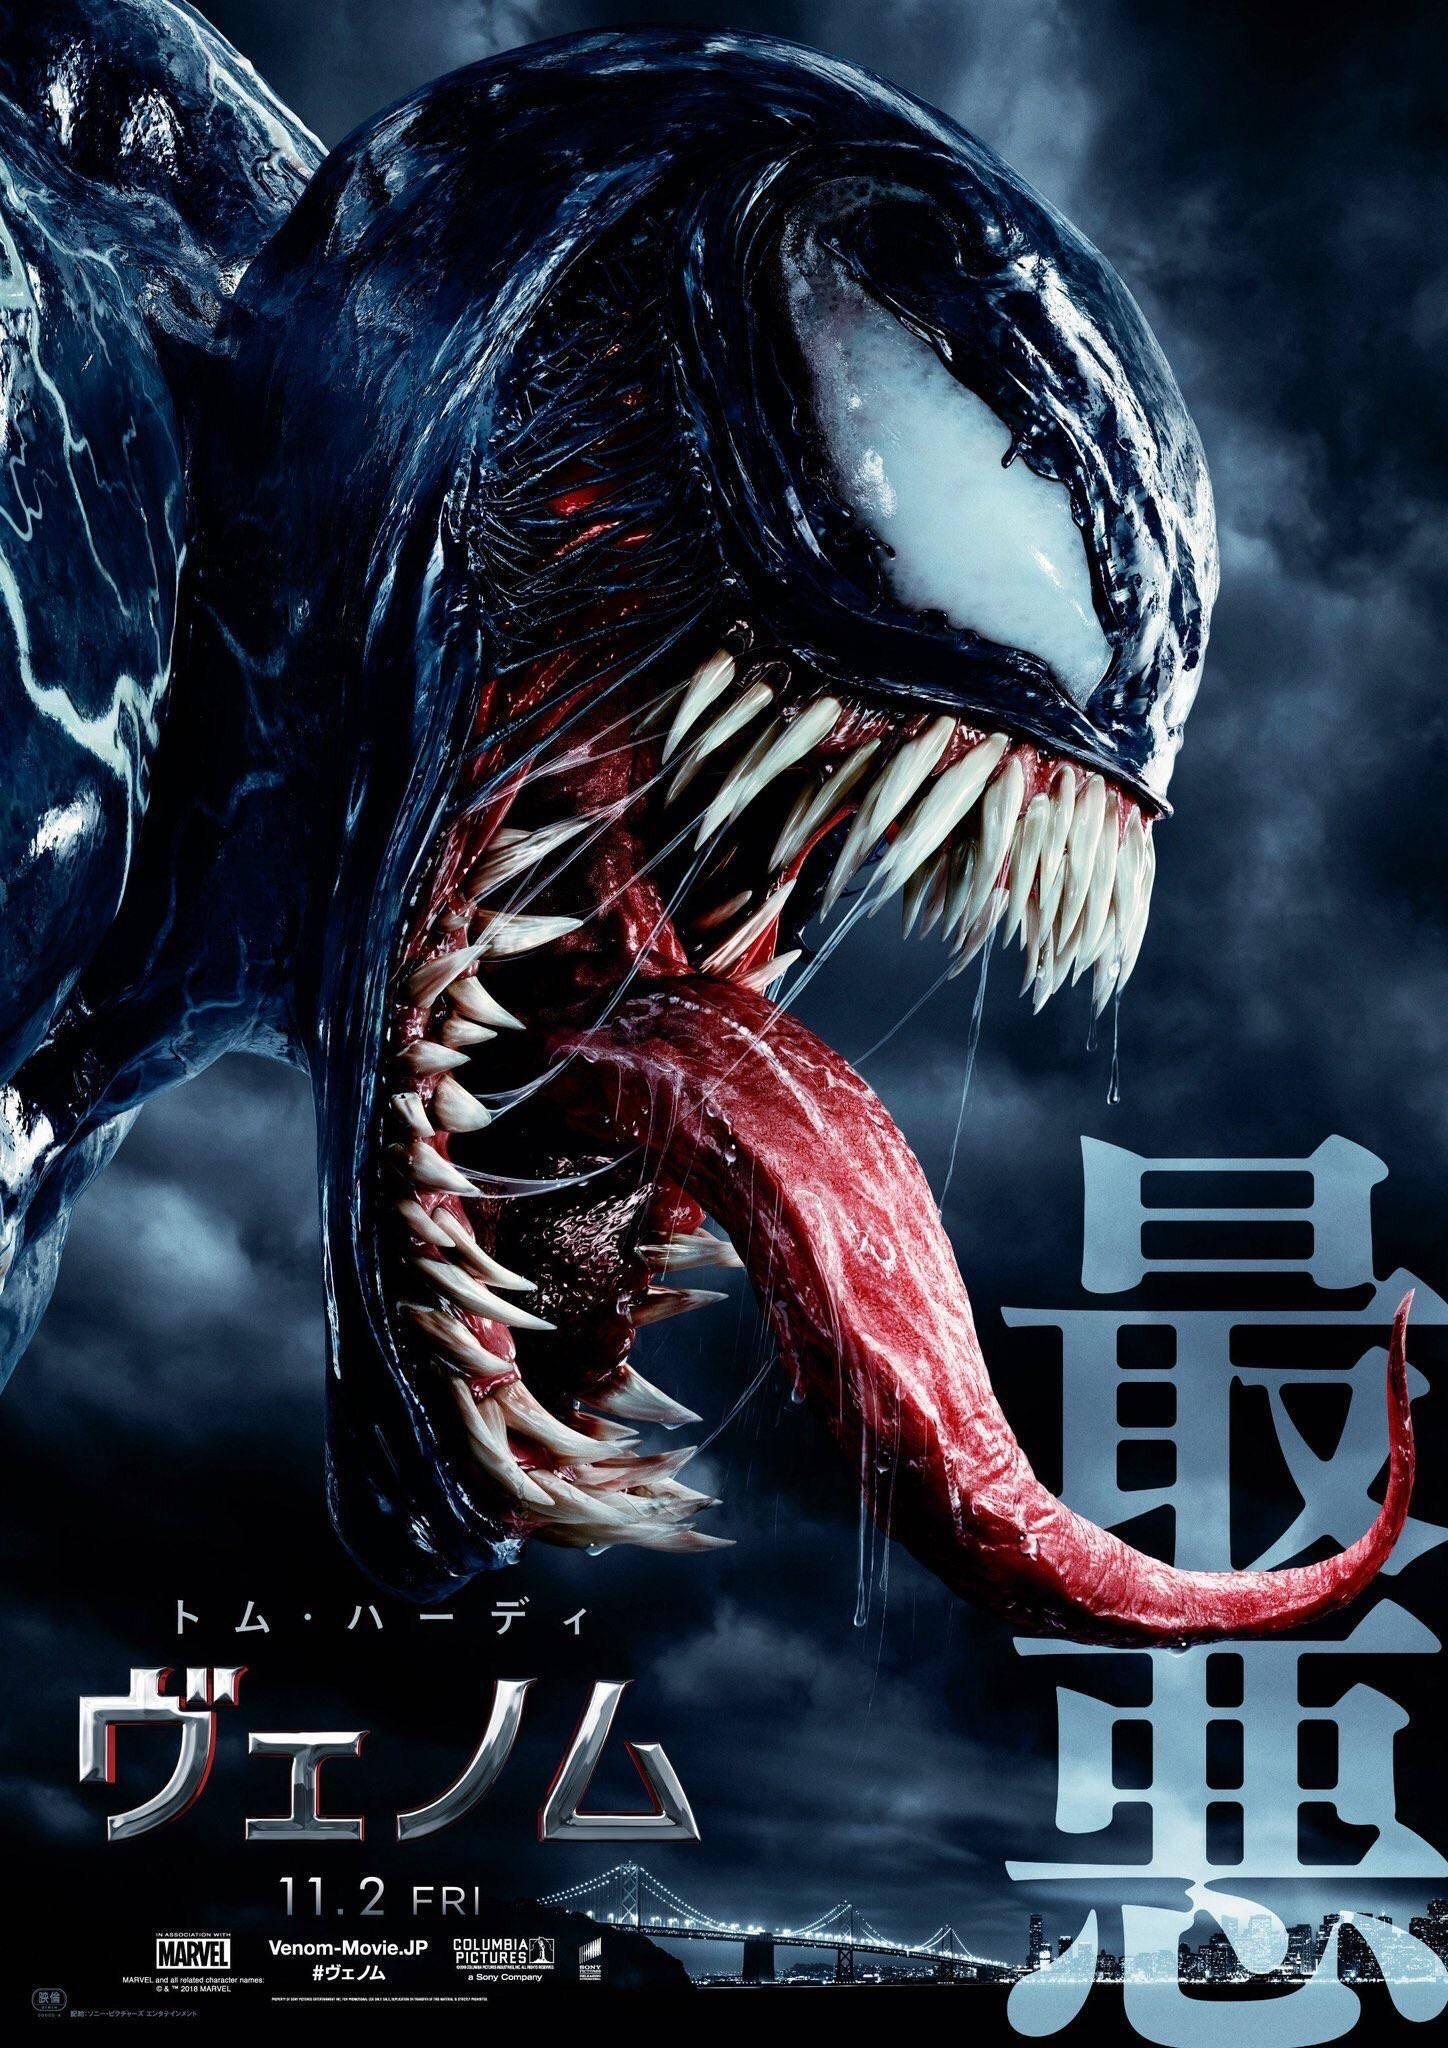 Japón crea el póster de Venom más espectacular de la historia